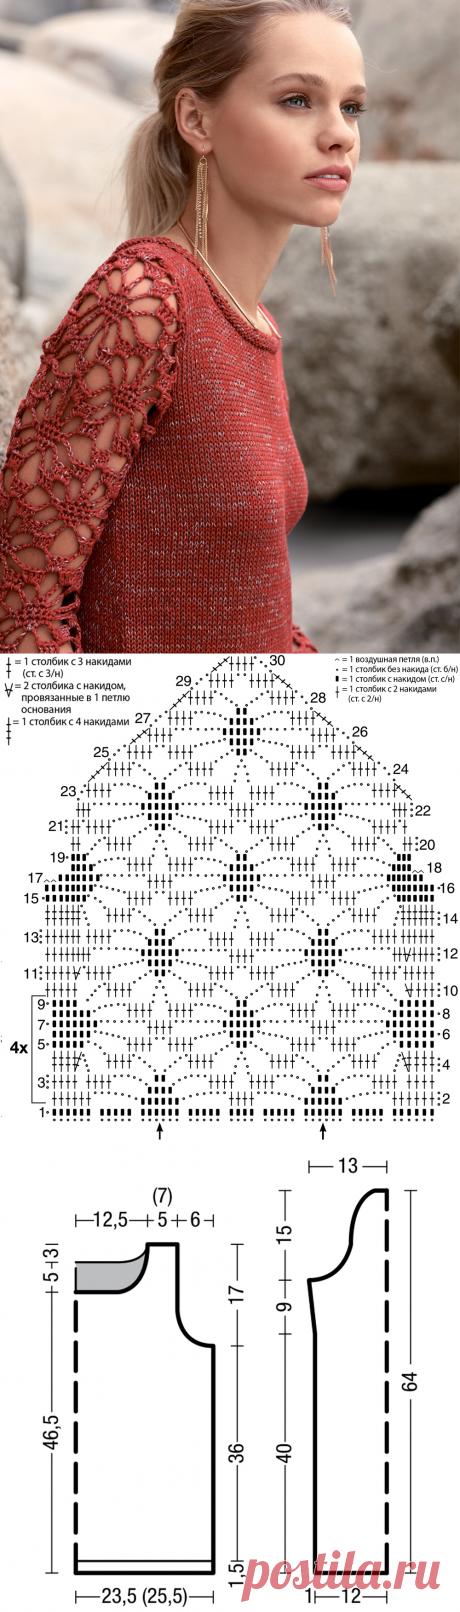 Женский джемпер с ажурными рукавами - схема вязания крючком. Вяжем Джемперы на Verena.ru